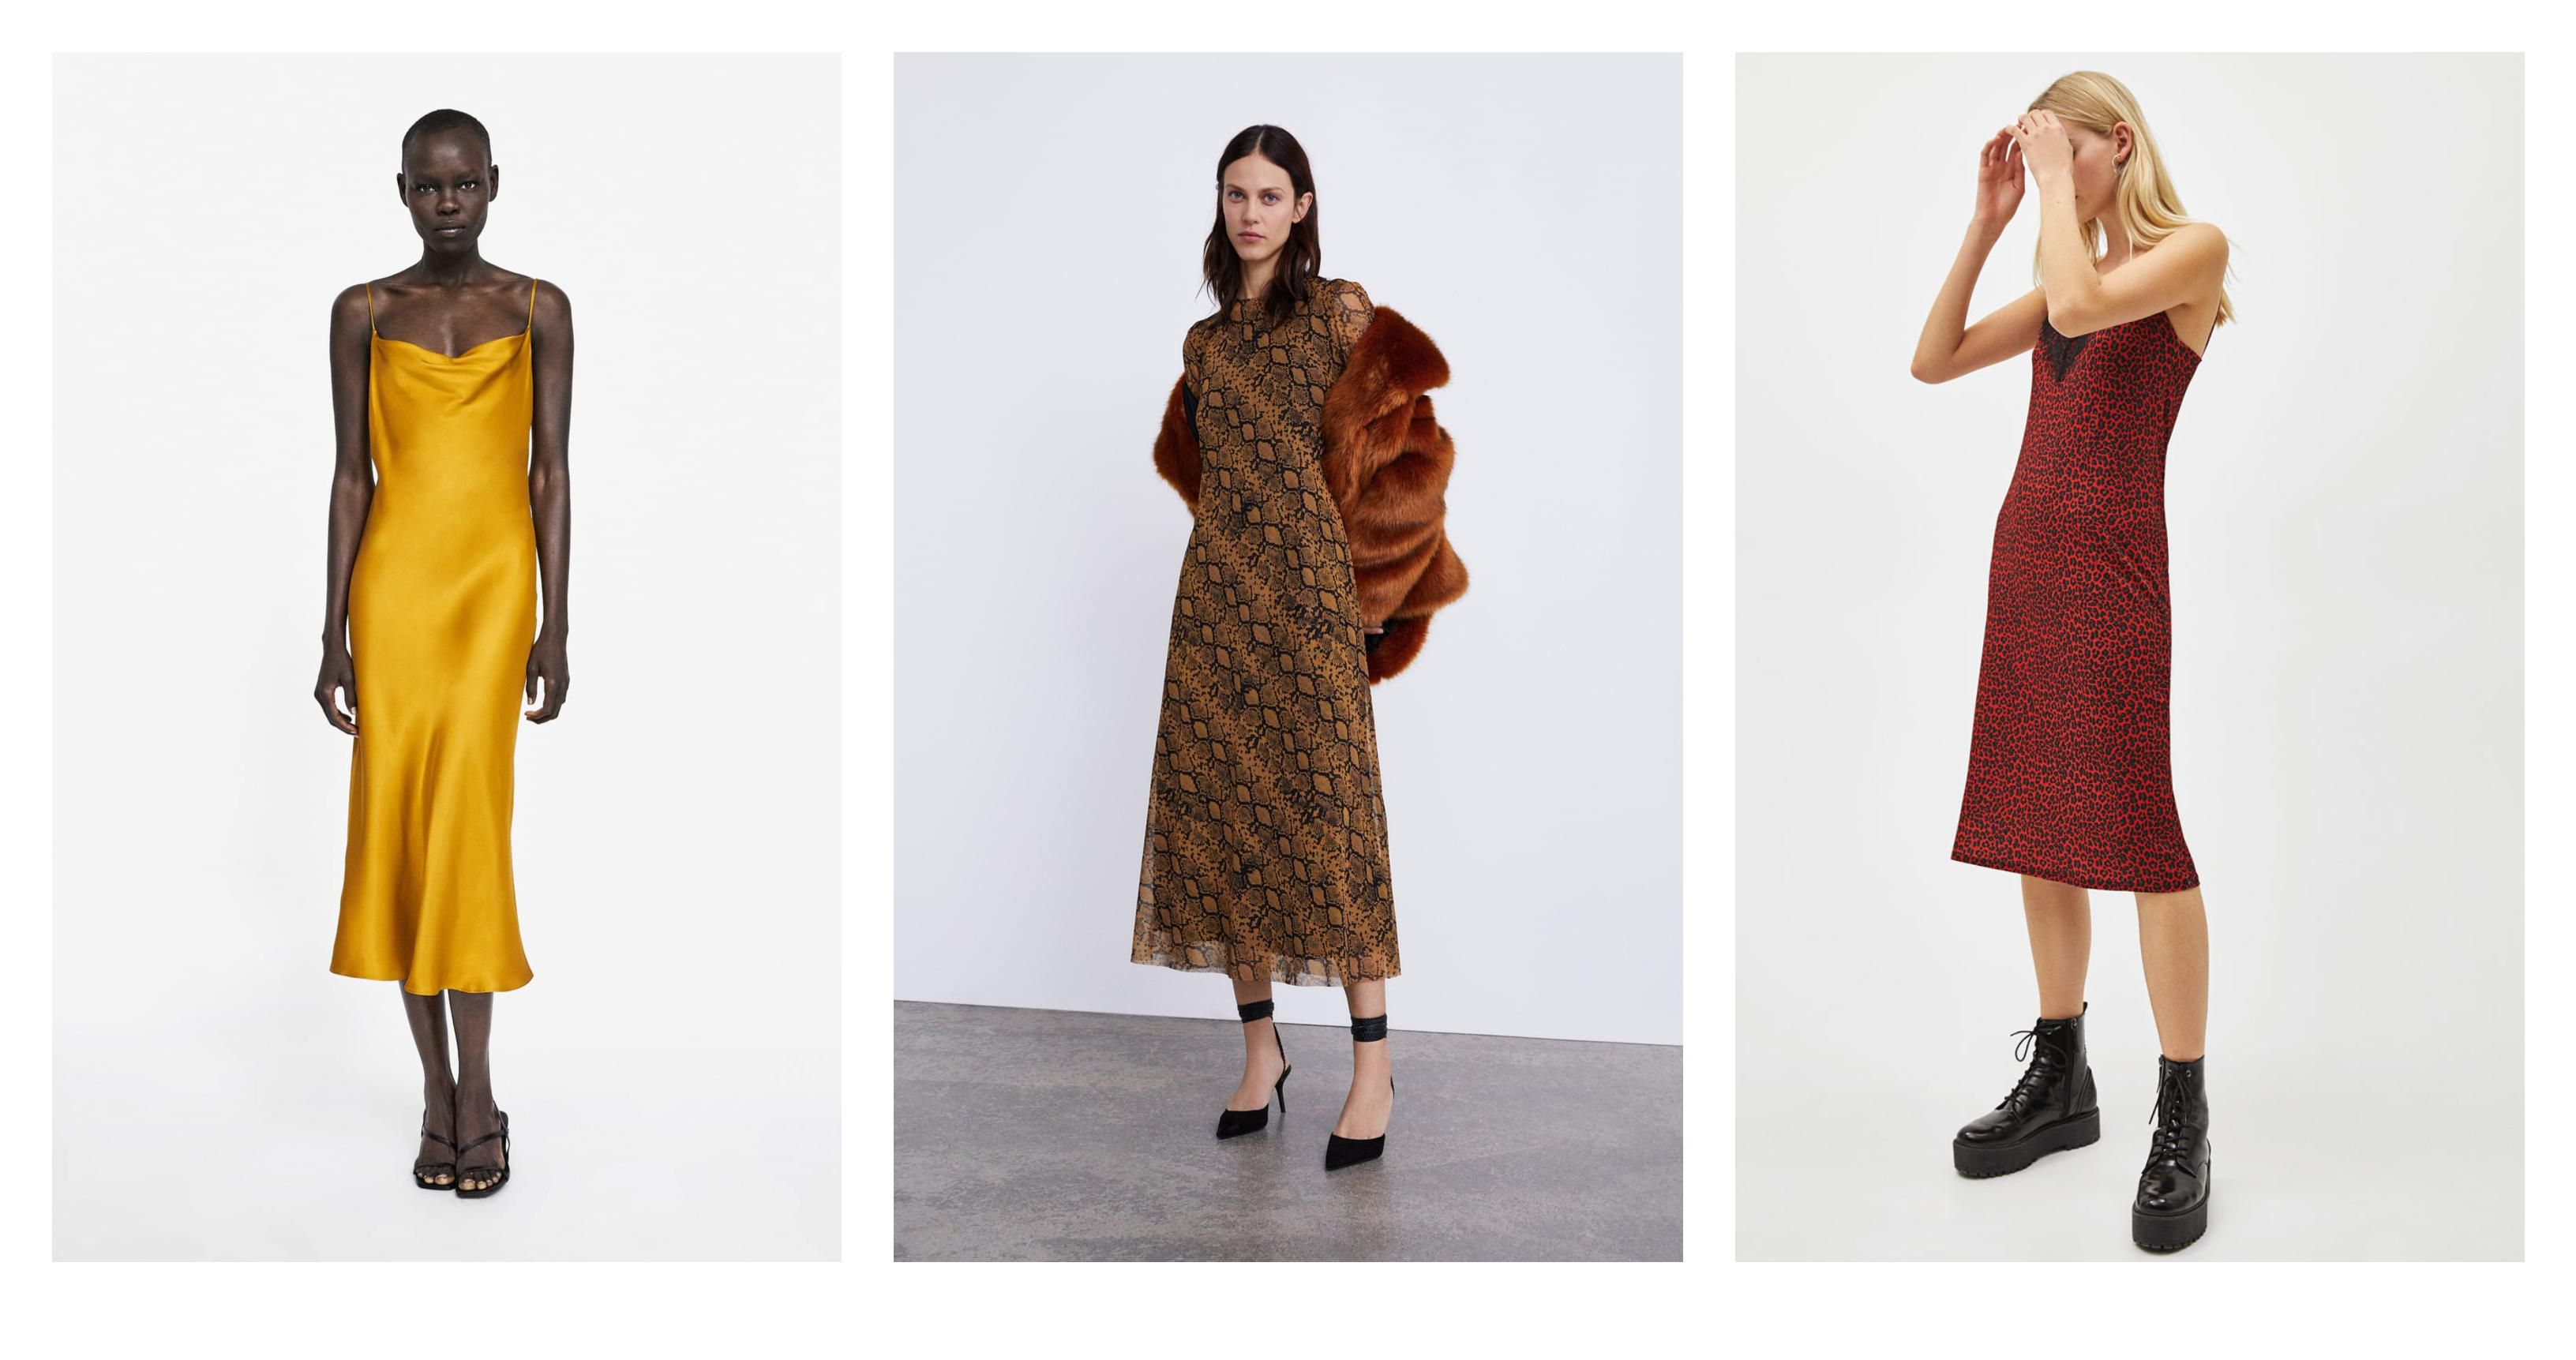 Znamo da traju sniženja, no ipak smo potražili trendi haljine u novim kolekcijama high street brendova